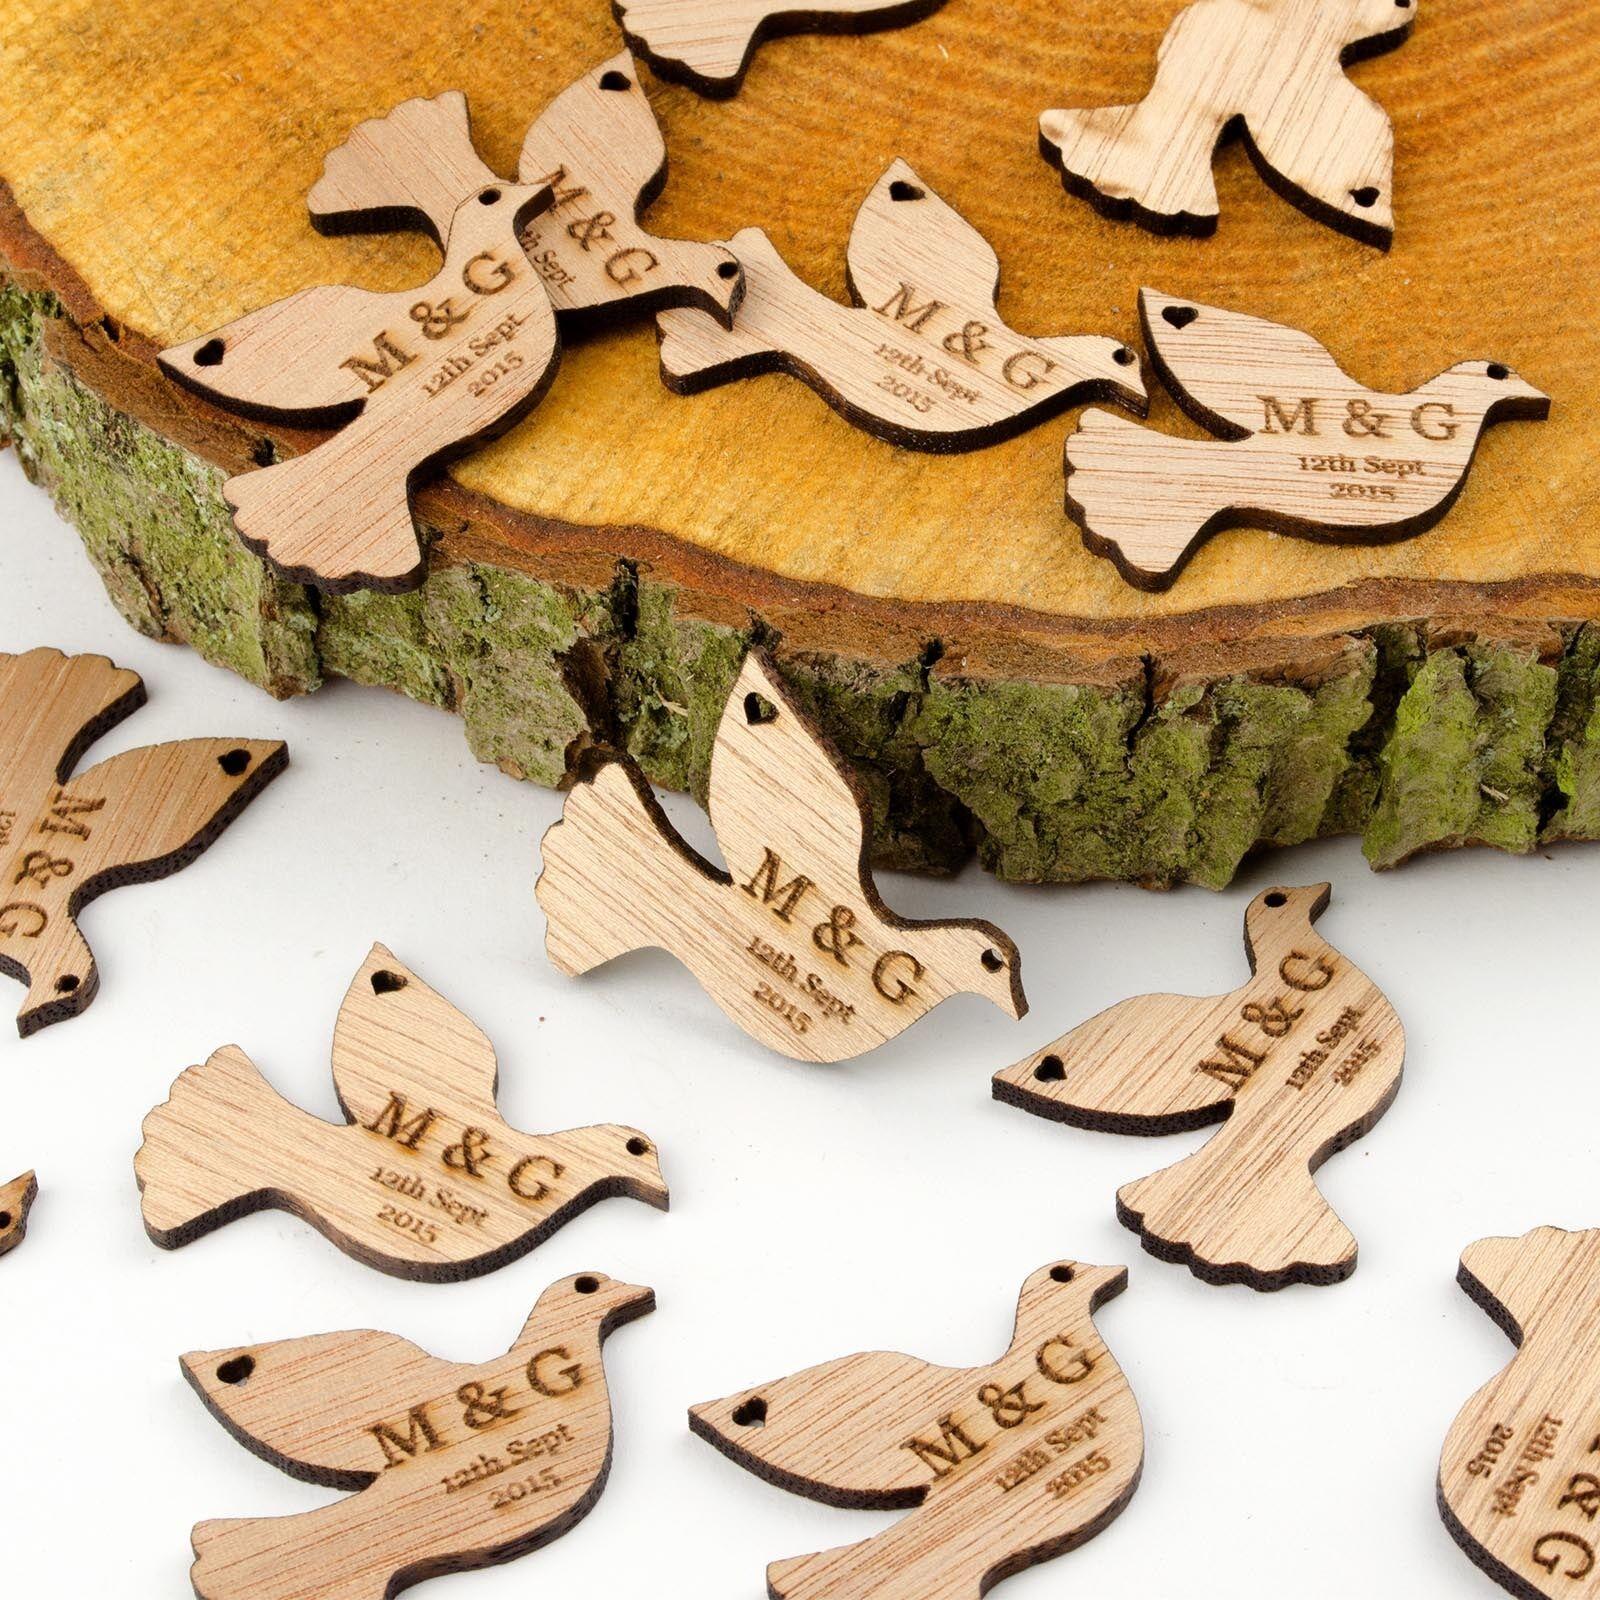 Personalisiert Holz Taube Tisch Dekorationen Rustikale Vintage  Vogel